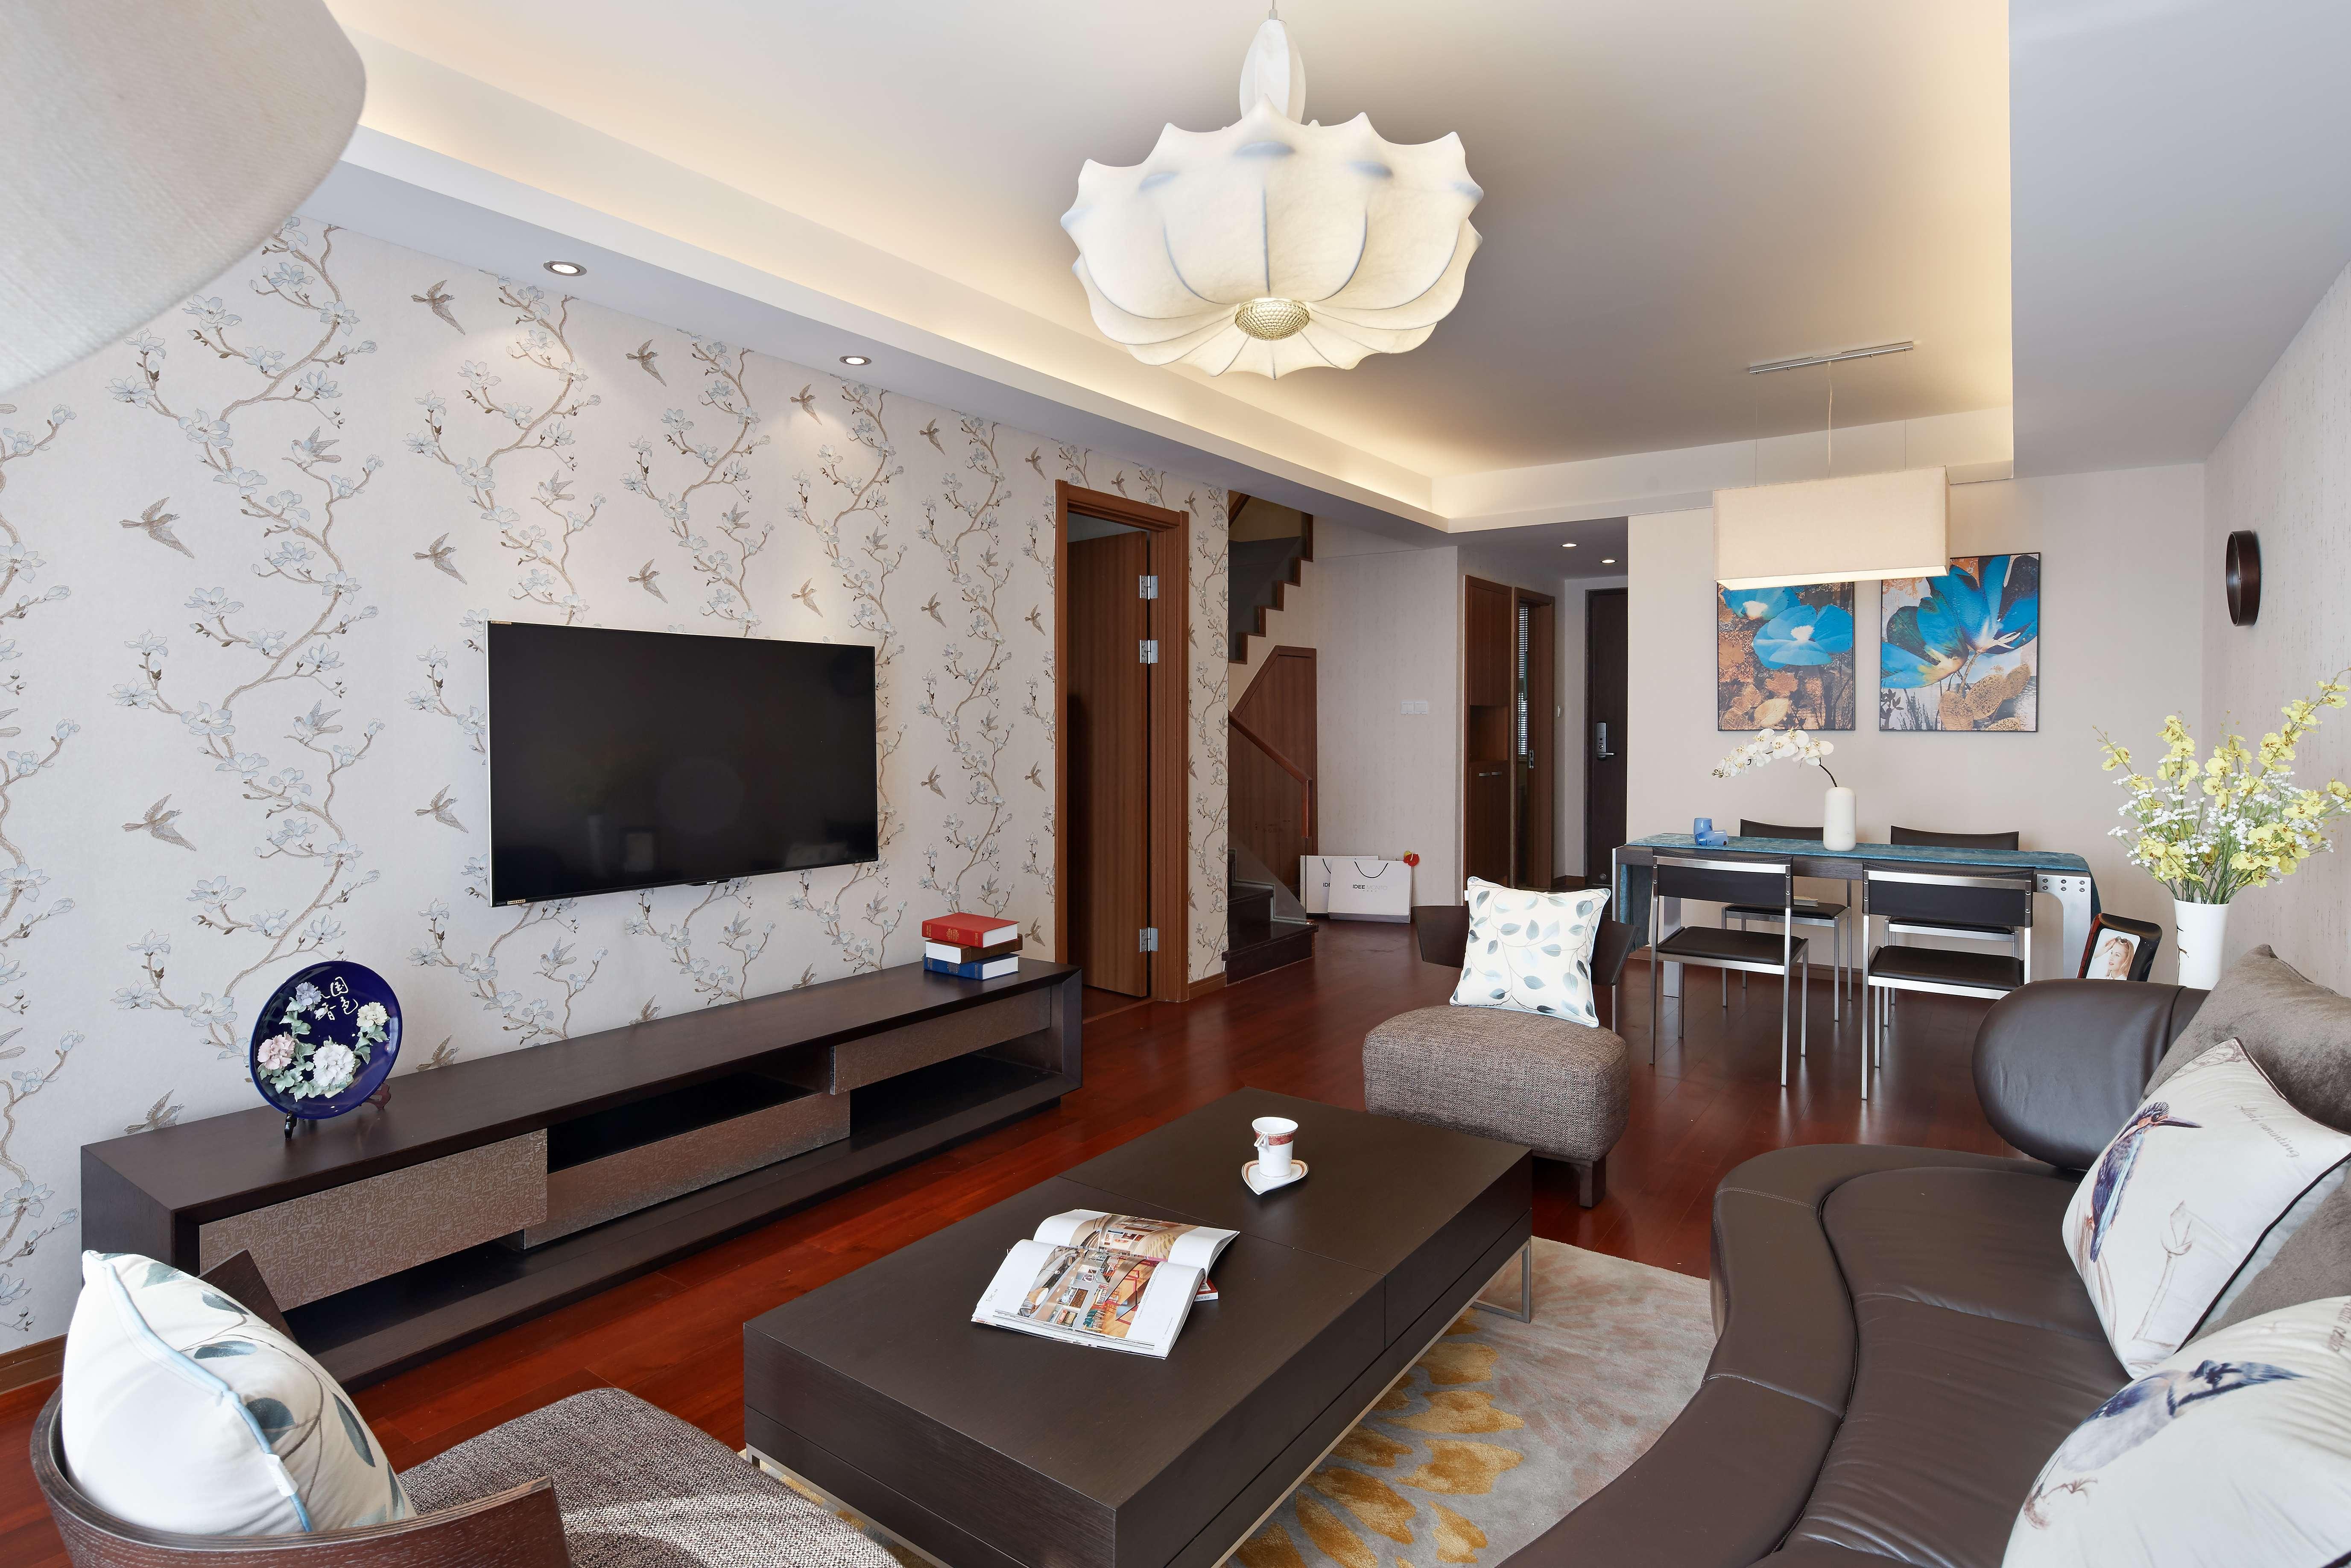 现代简中式三居电视背景墙装修效果图